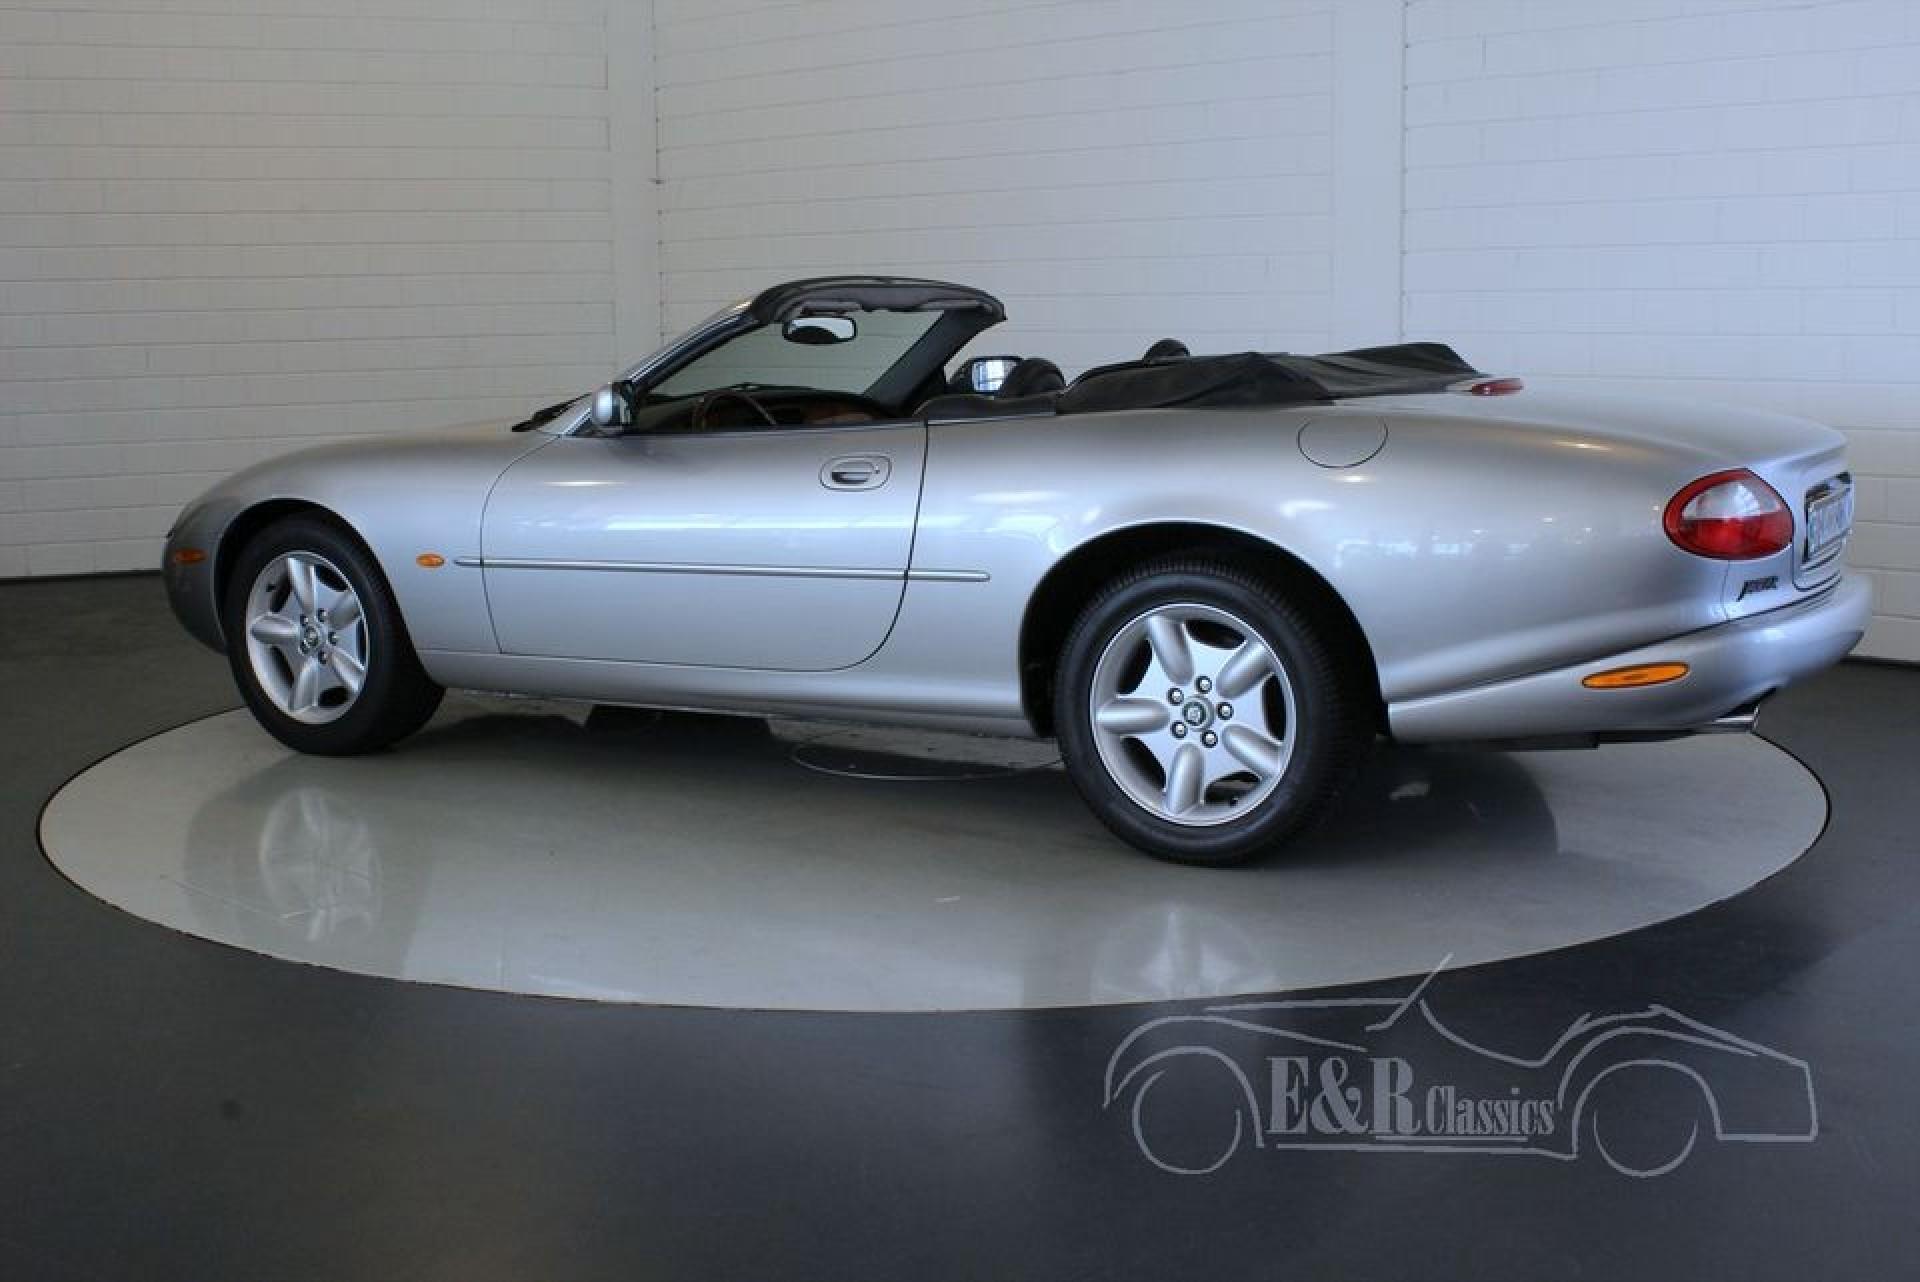 Jaguar Xk8 1998 224 Vendre 224 Erclassics